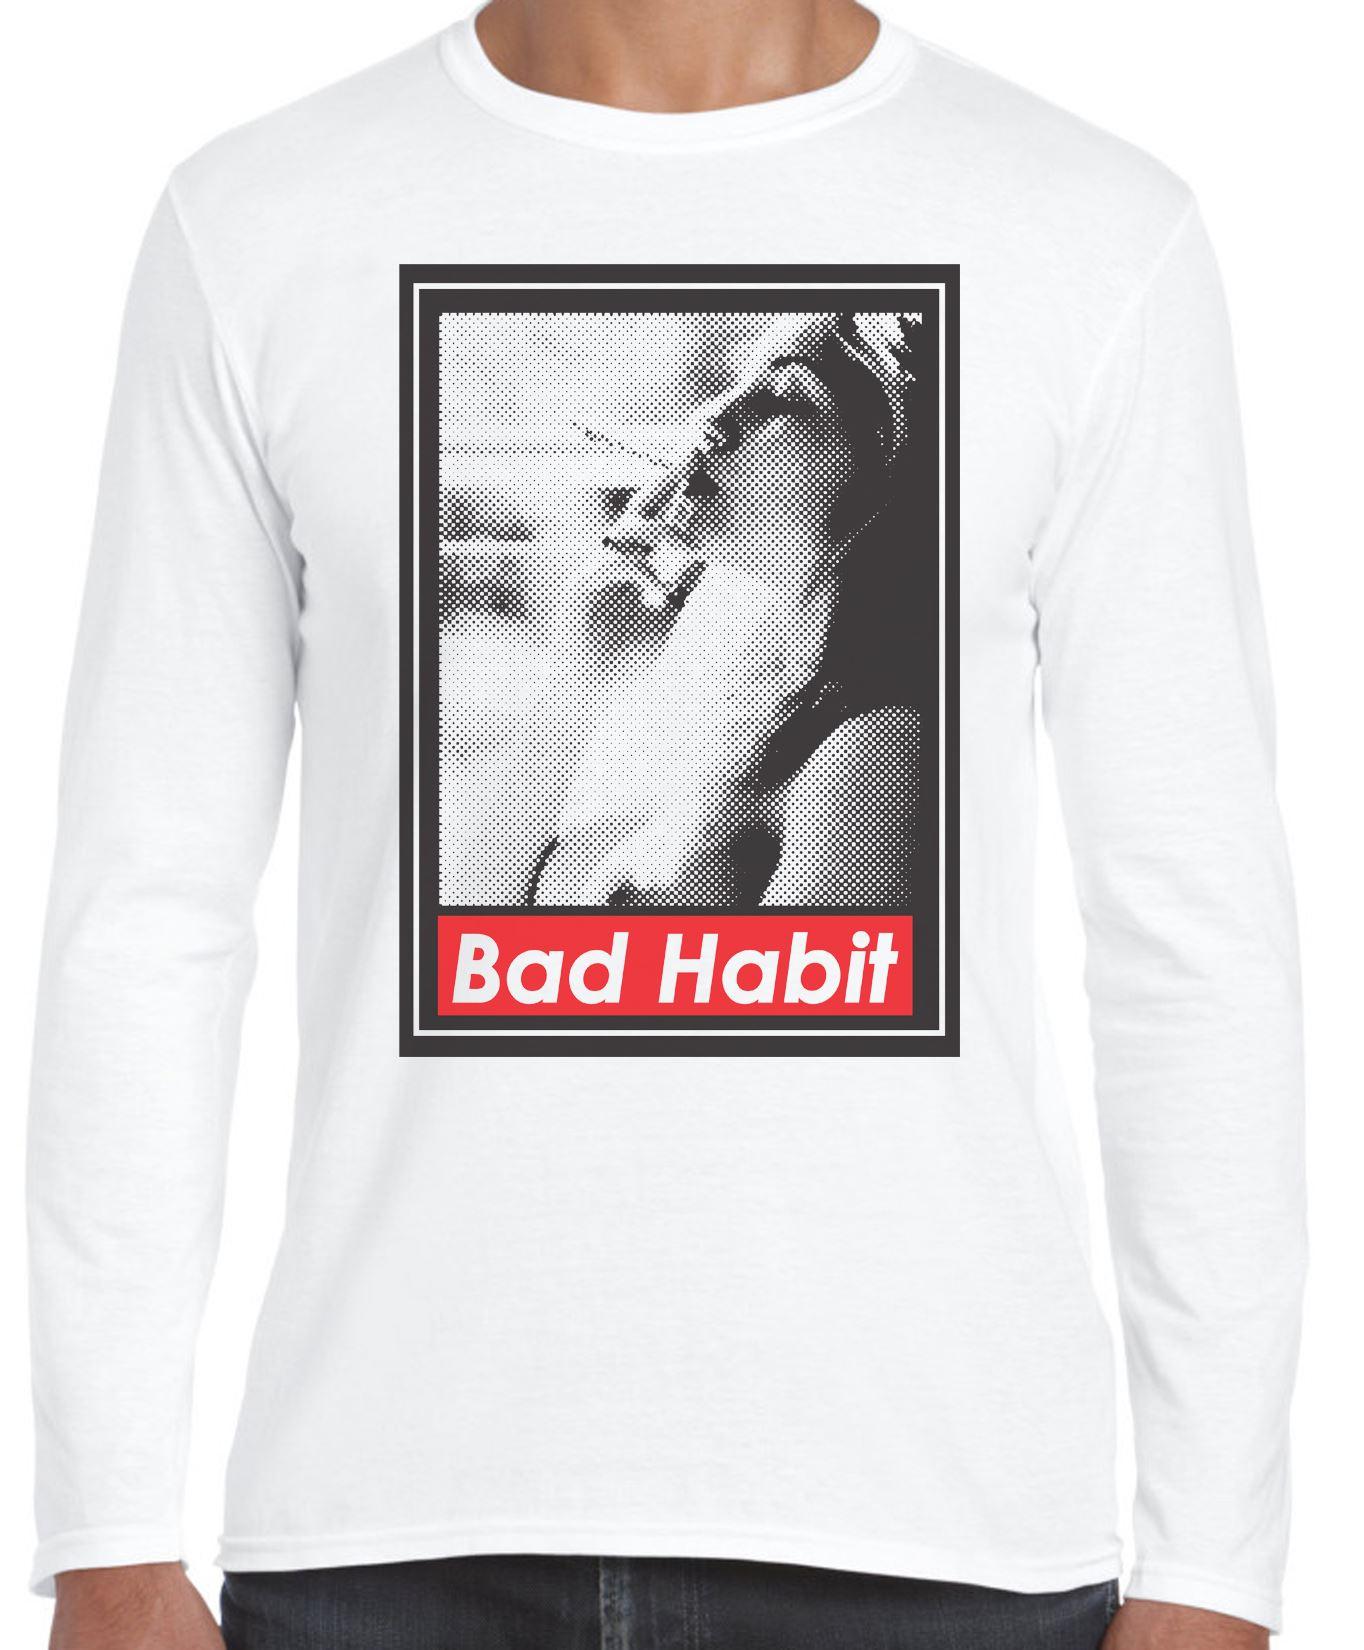 Brutta-abitudine-di-fumare-Ragazza-Manica-Lunga-T-Shirt-Cannabis-Weed-Spinello